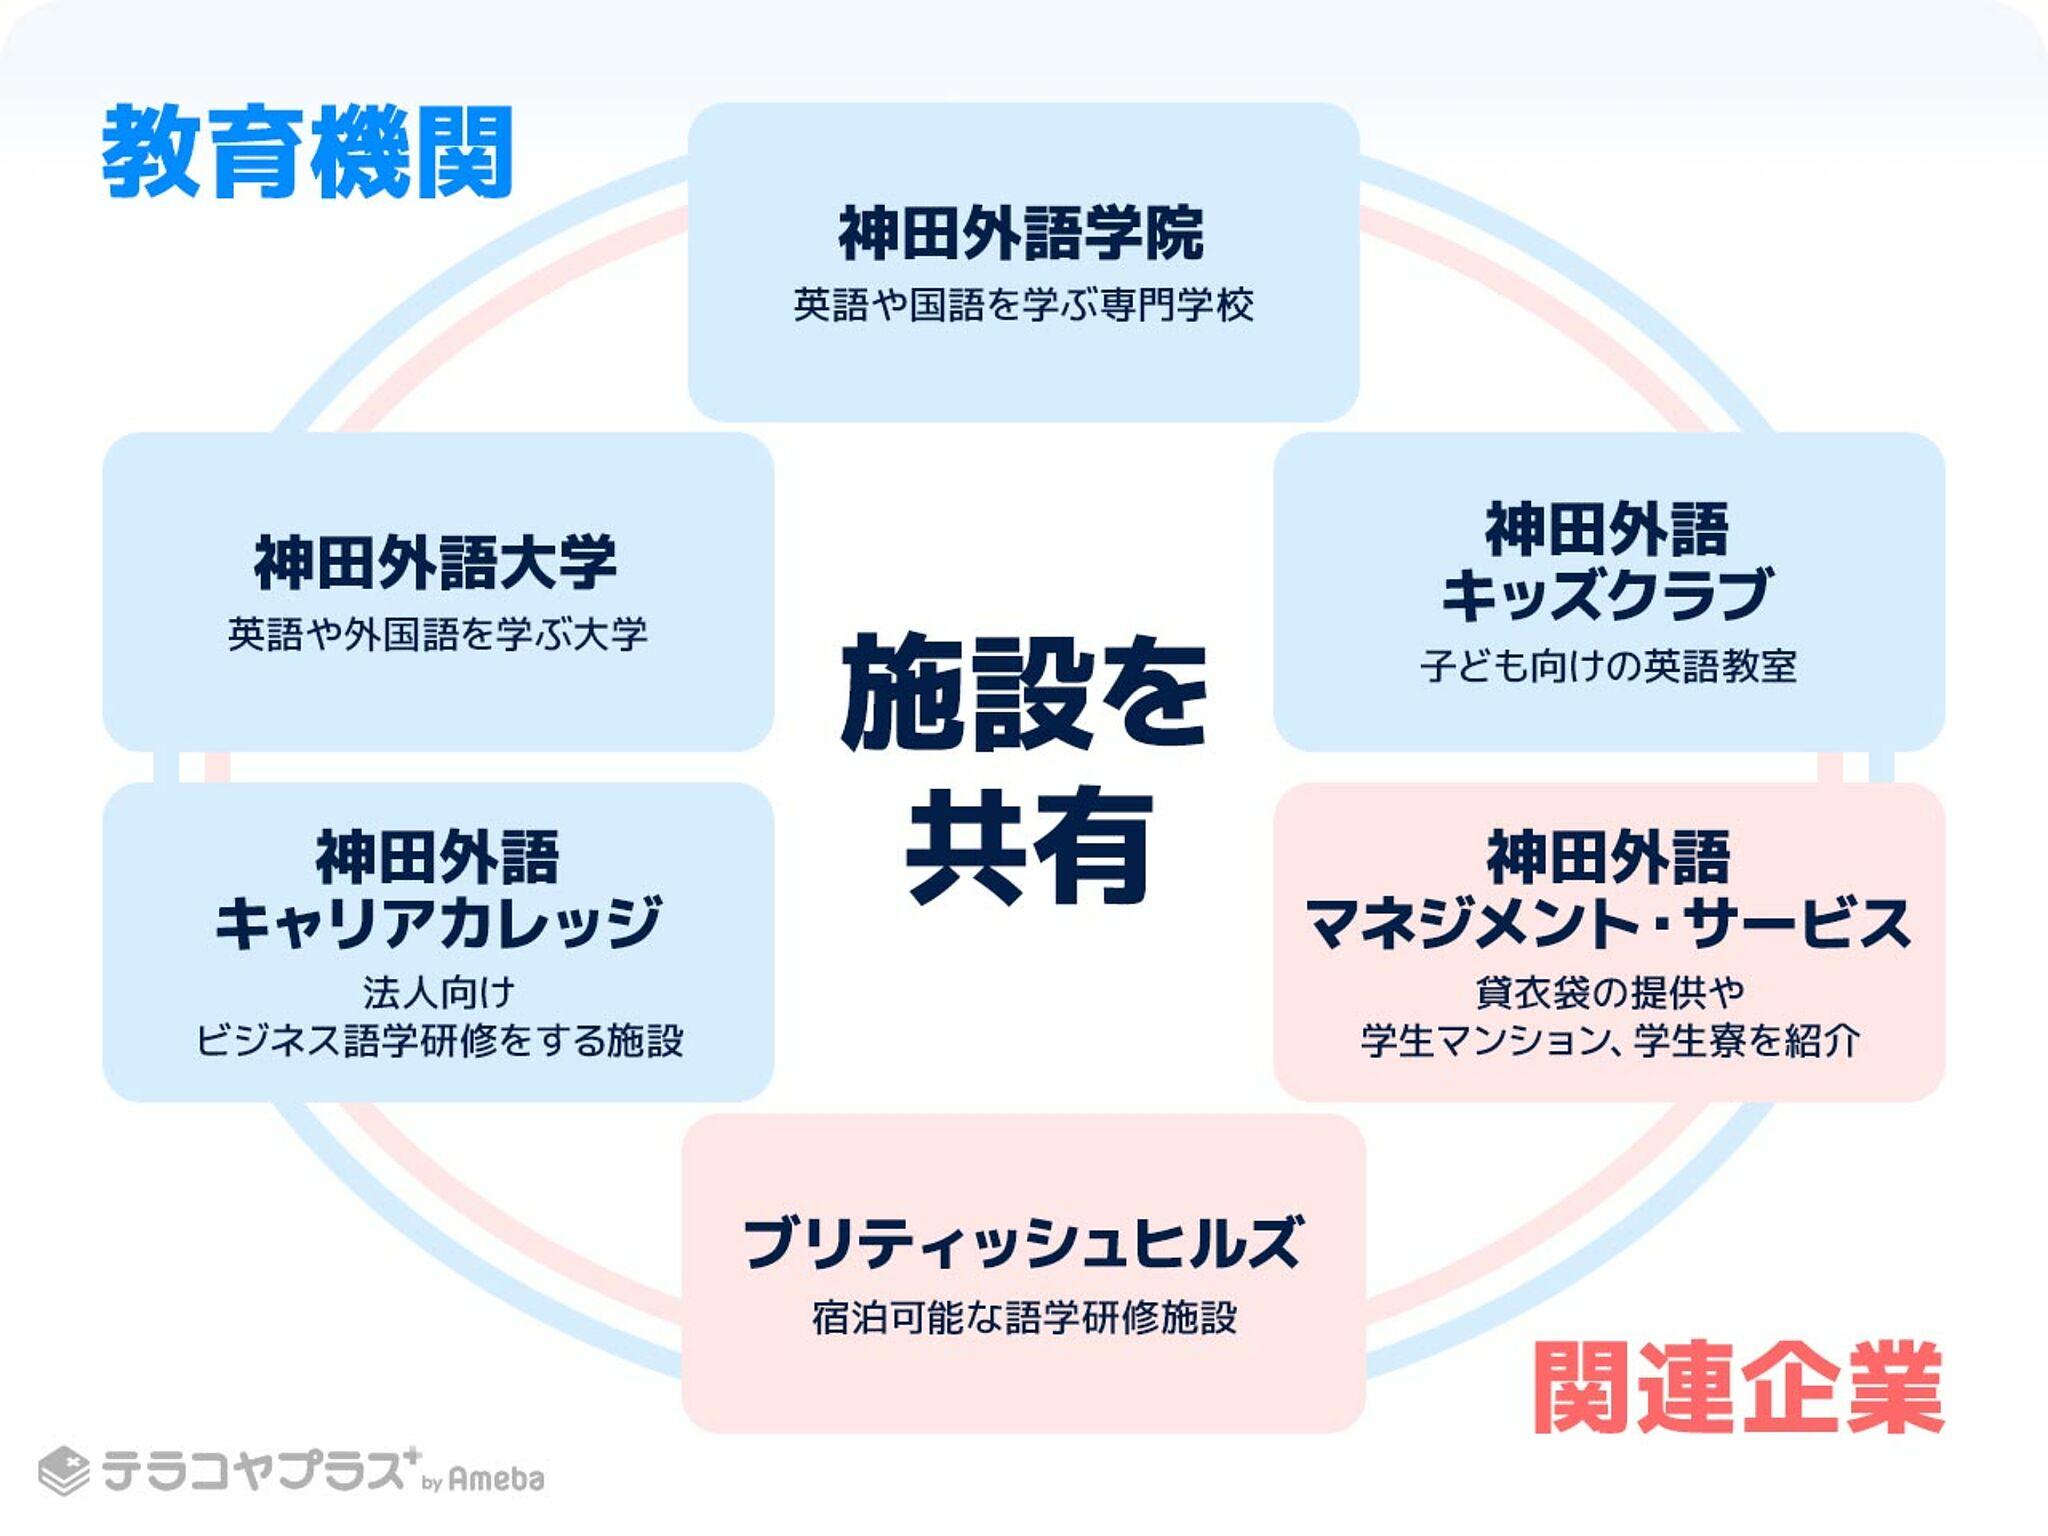 神田外語グループ_施設の共有のイラスト画像